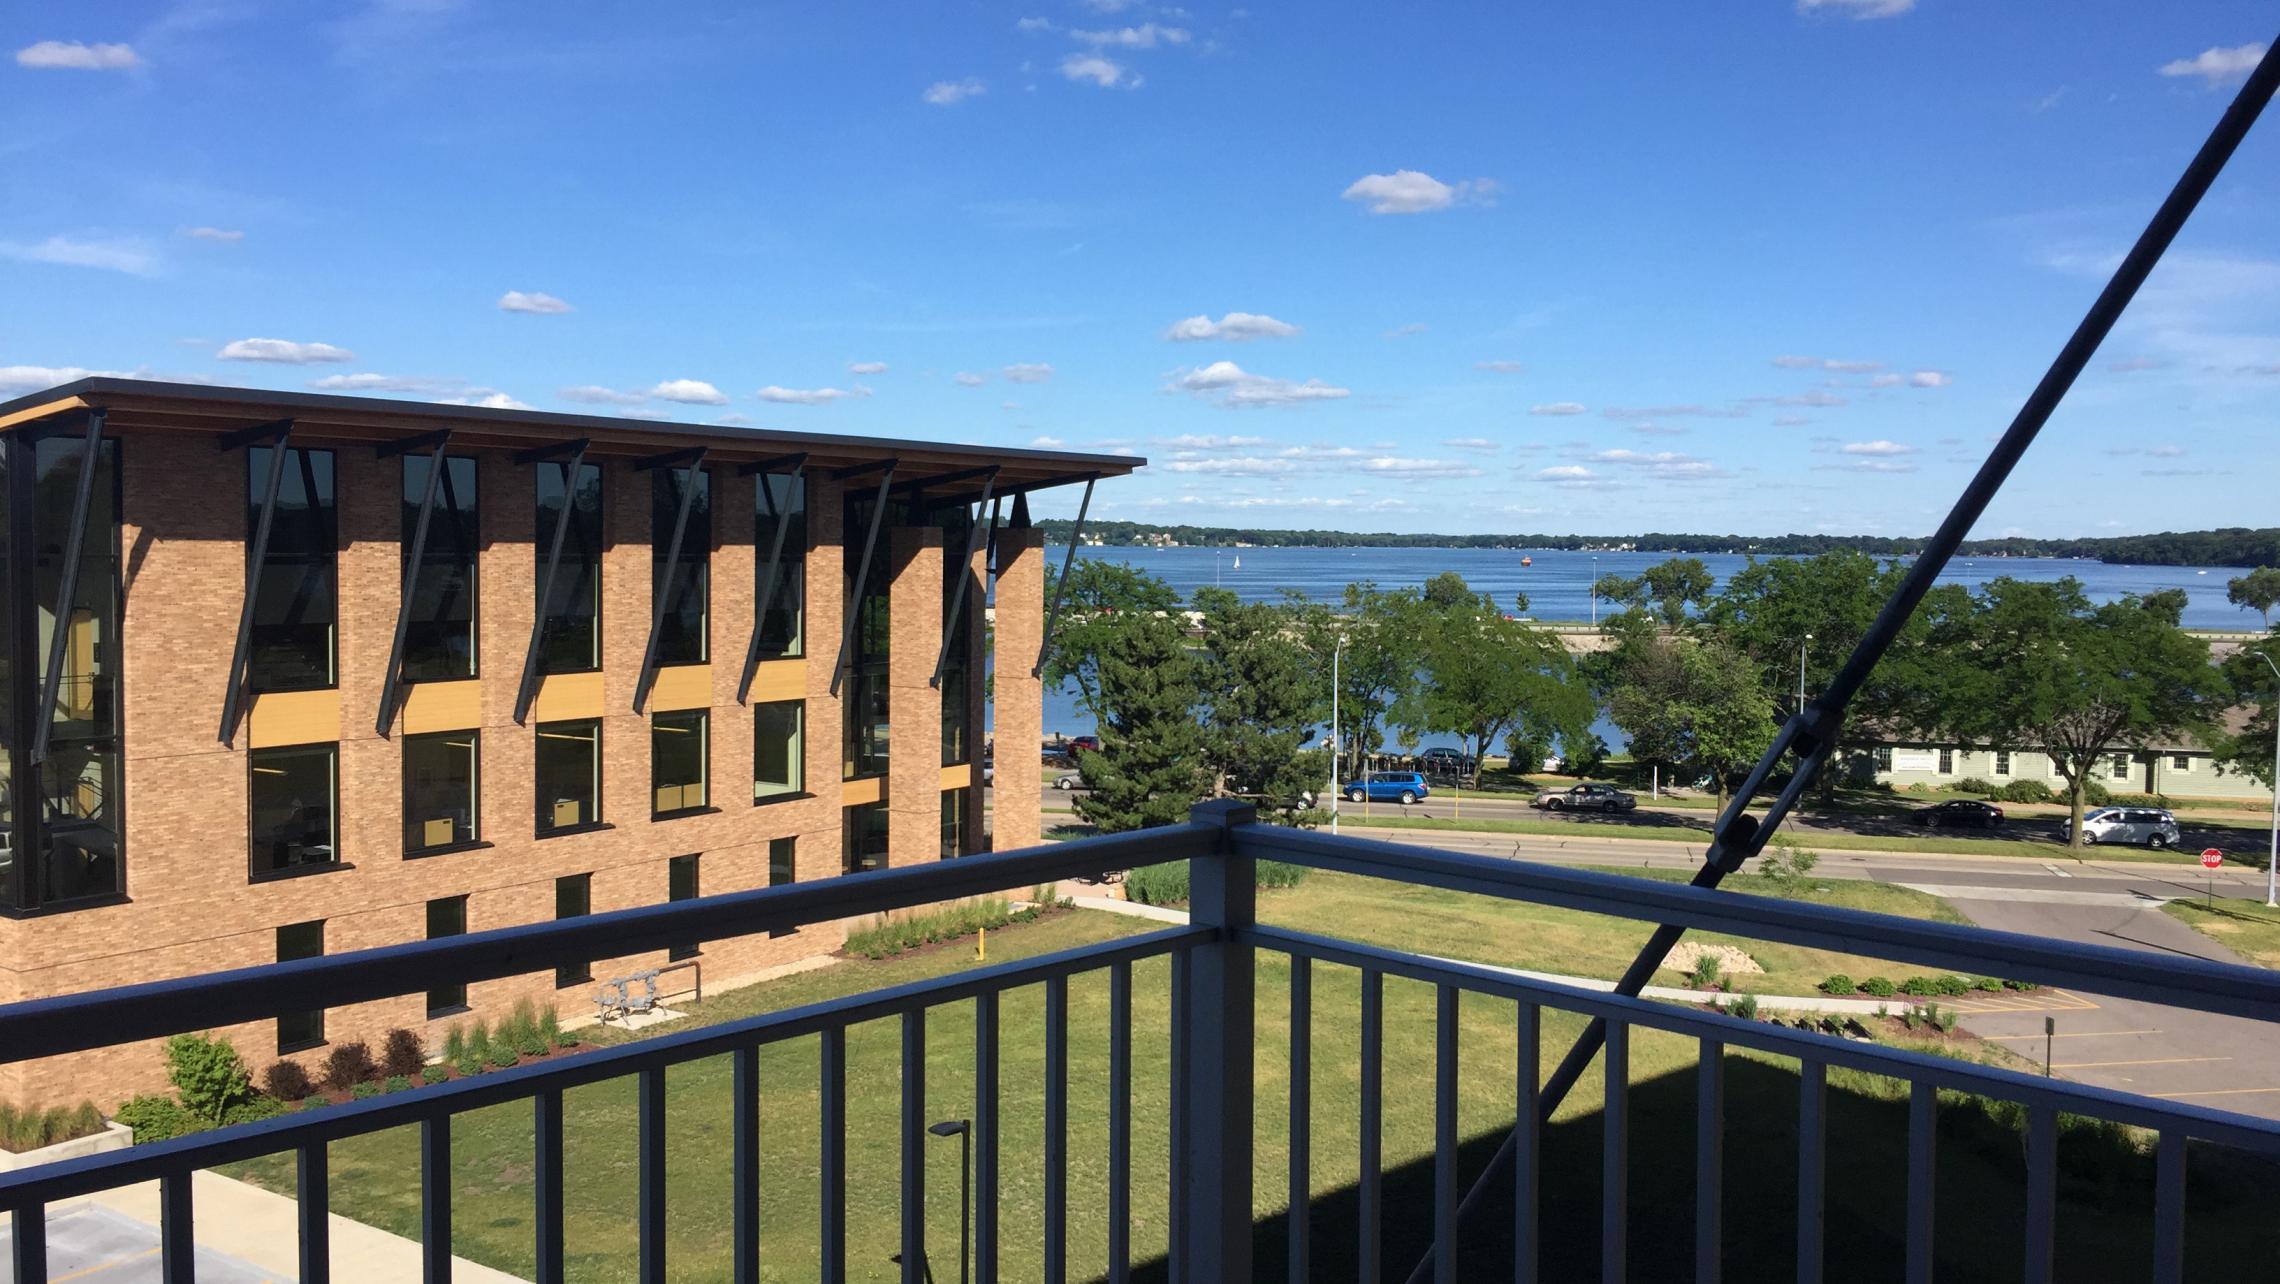 ULI Nine Line Apartment 421 - Lake Monona View